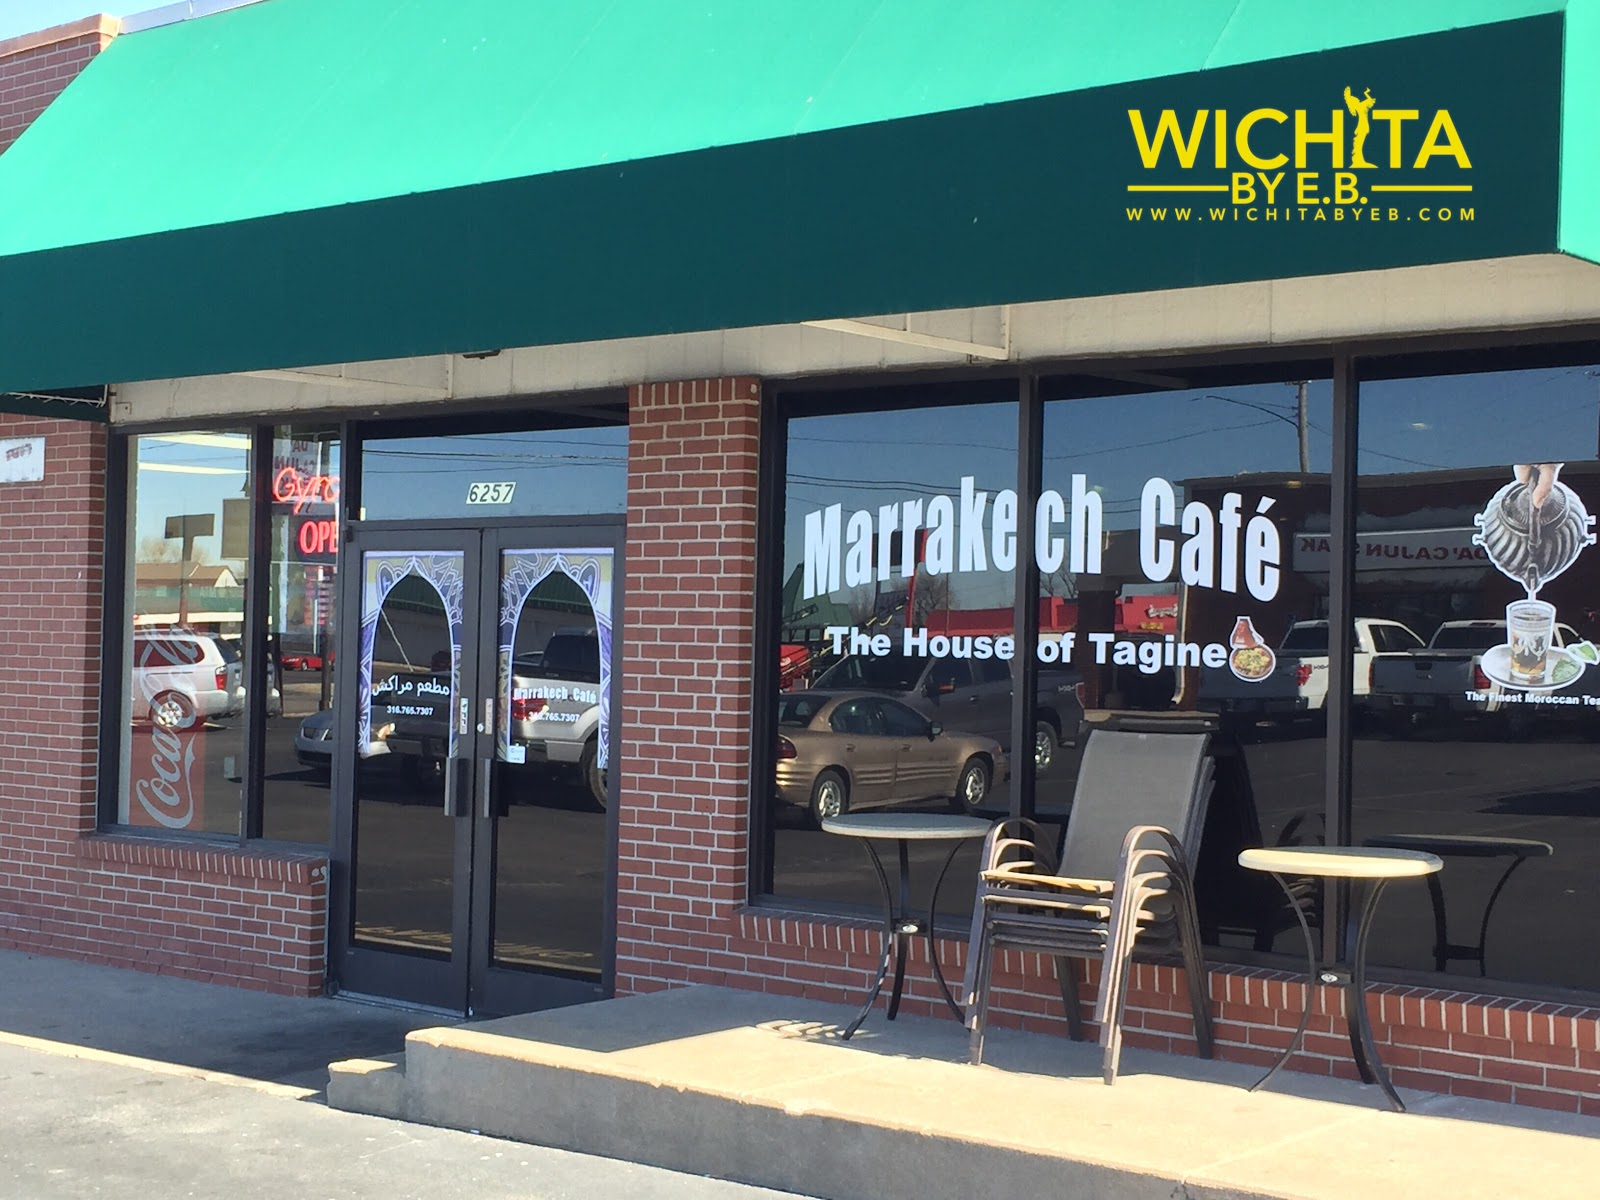 Marrakech Cafe Lunch Buffet Review – Wichita By E.B.